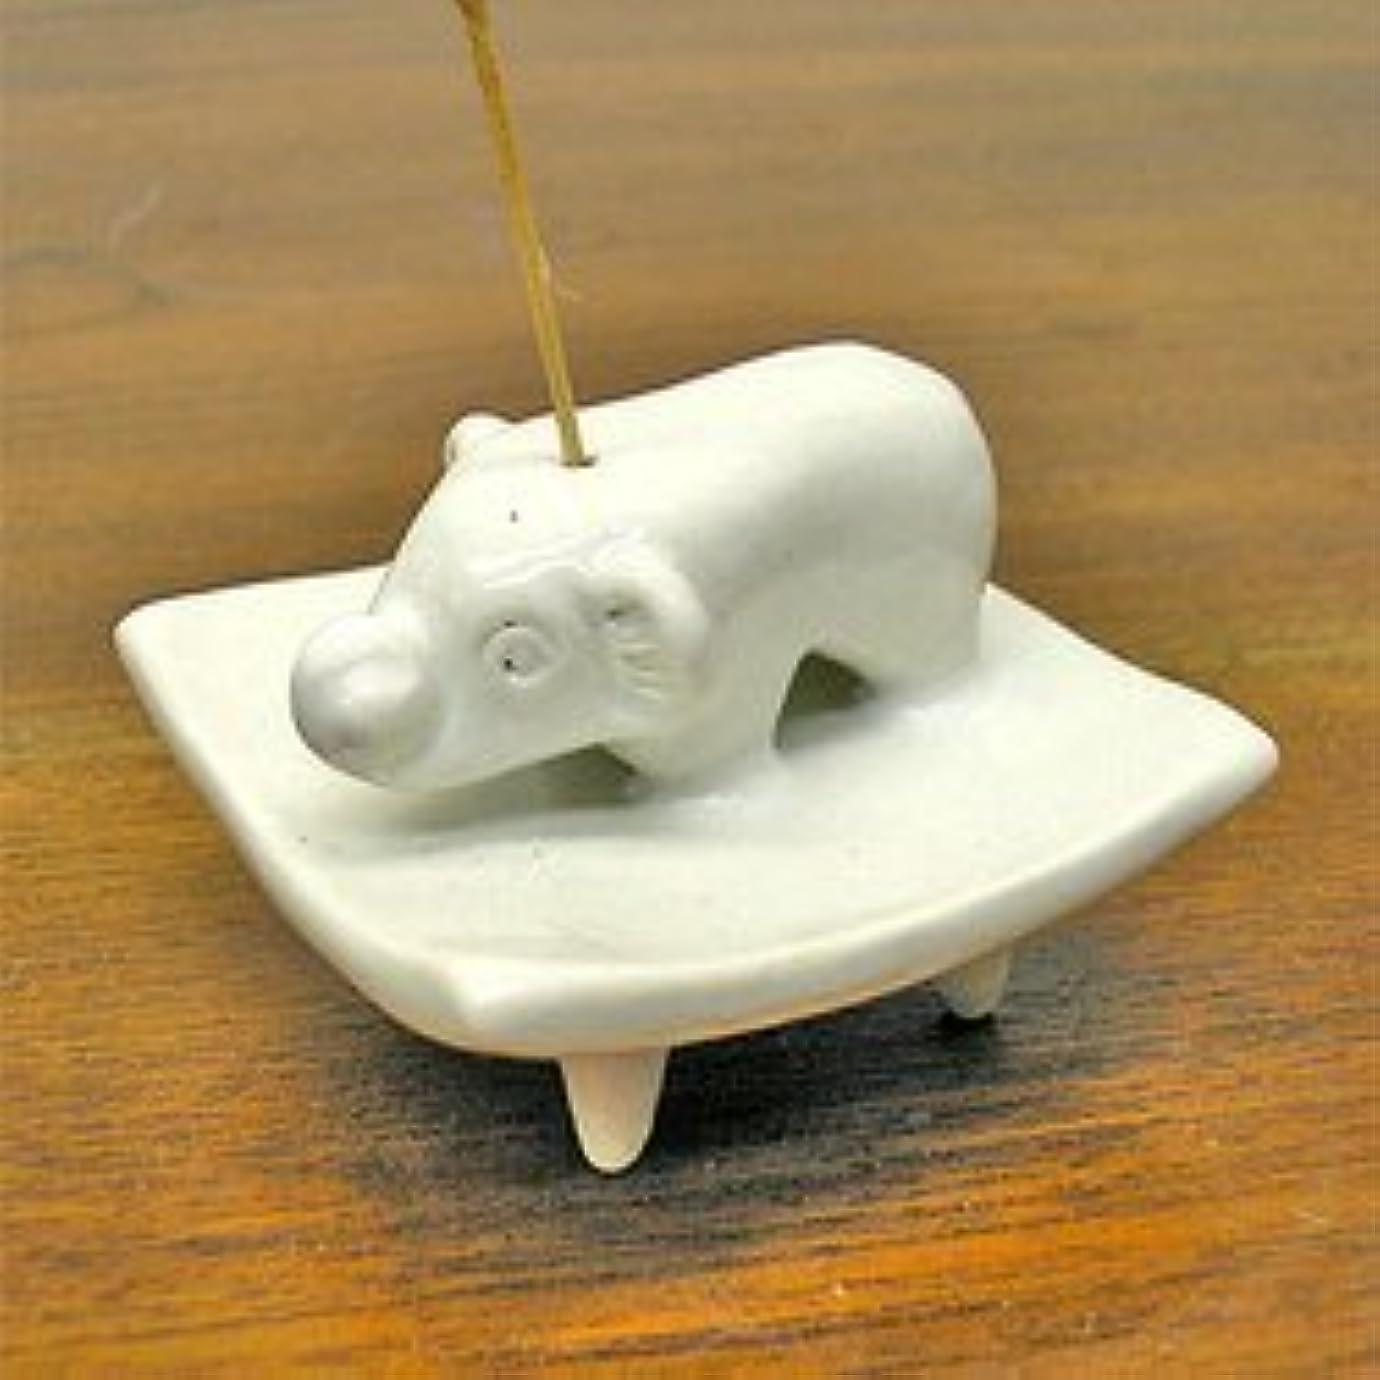 必要とする怠なに話すお皿に乗った象さん お香立て<白> インセンスホルダー/スティックタイプ用お香立て?お香たて アジアン雑貨